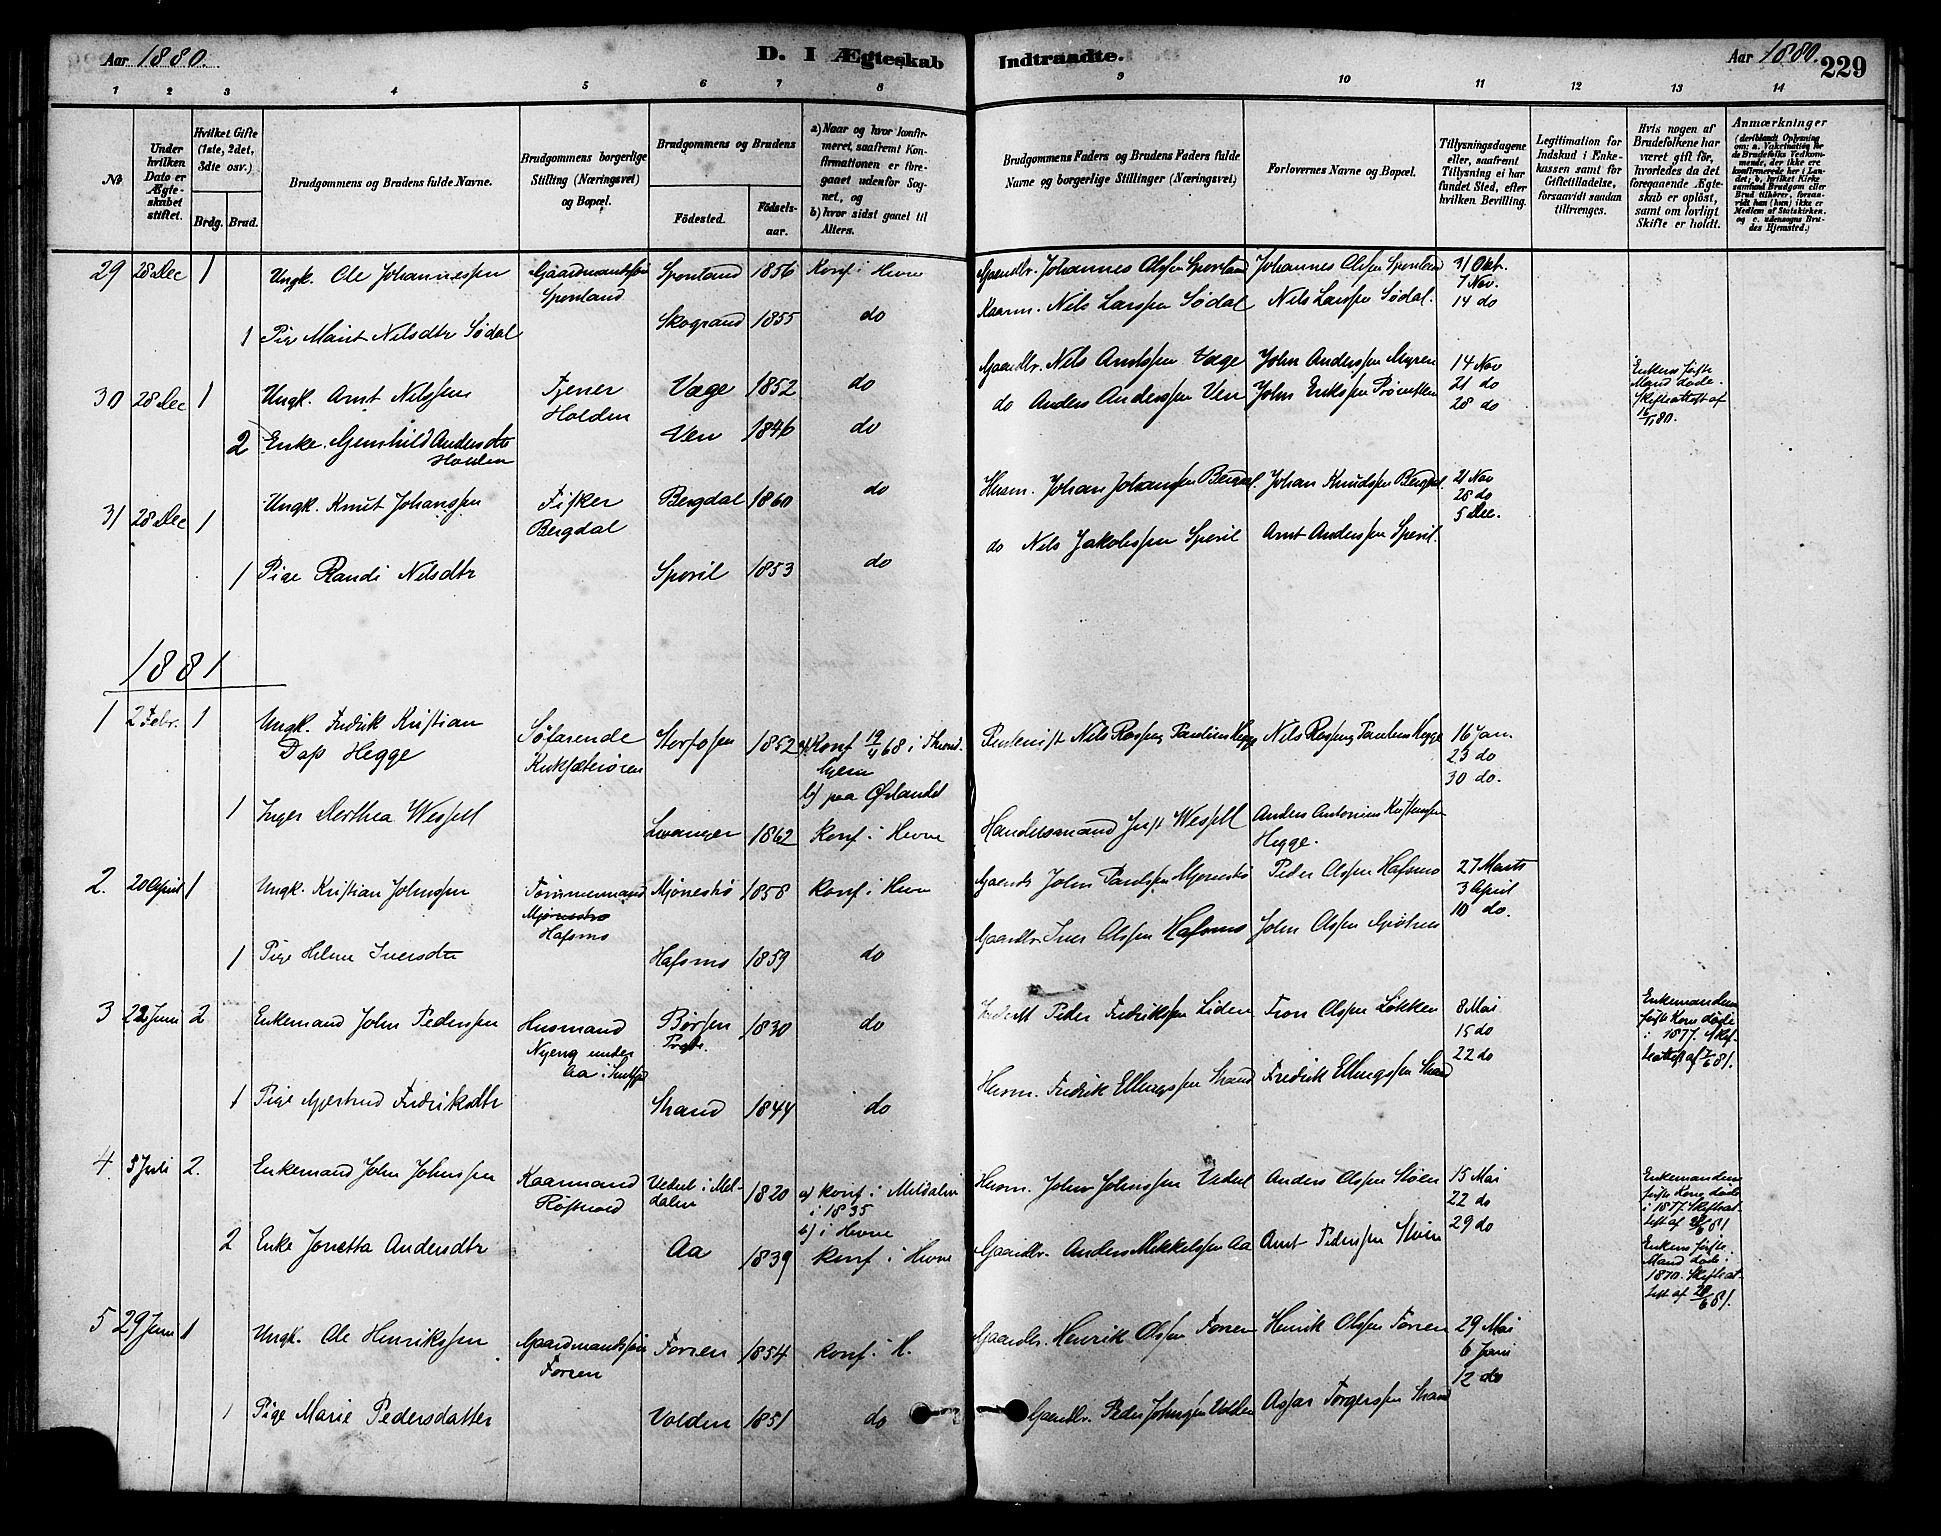 SAT, Ministerialprotokoller, klokkerbøker og fødselsregistre - Sør-Trøndelag, 630/L0496: Ministerialbok nr. 630A09, 1879-1895, s. 229